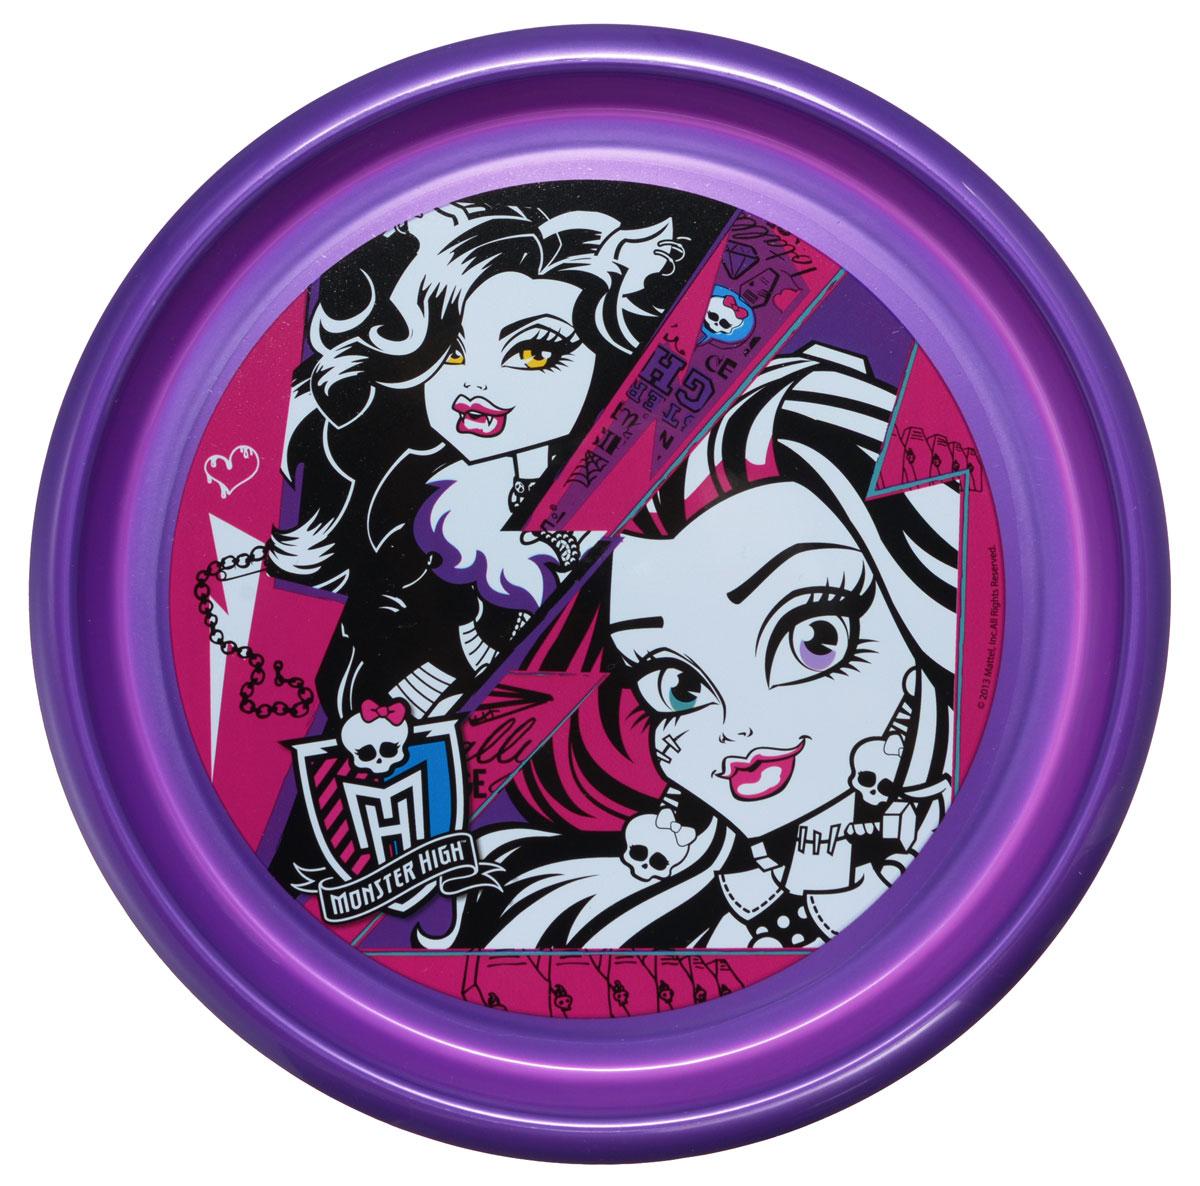 Monster High Тарелка детская диаметр 23 смSW4003Яркая тарелка Monster High идеально подойдет для кормления малыша и самостоятельного приема им пищи. Тарелка выполнена из безопасного полипропилена, дно оформлено высококачественным изображением героев мультфильма Monster High.Такой подарок станет не только приятным, но и практичным сувениром, добавит ярких эмоций вашему ребенку! Не предназначено для использования в СВЧ-печи и посудомоечной машине.